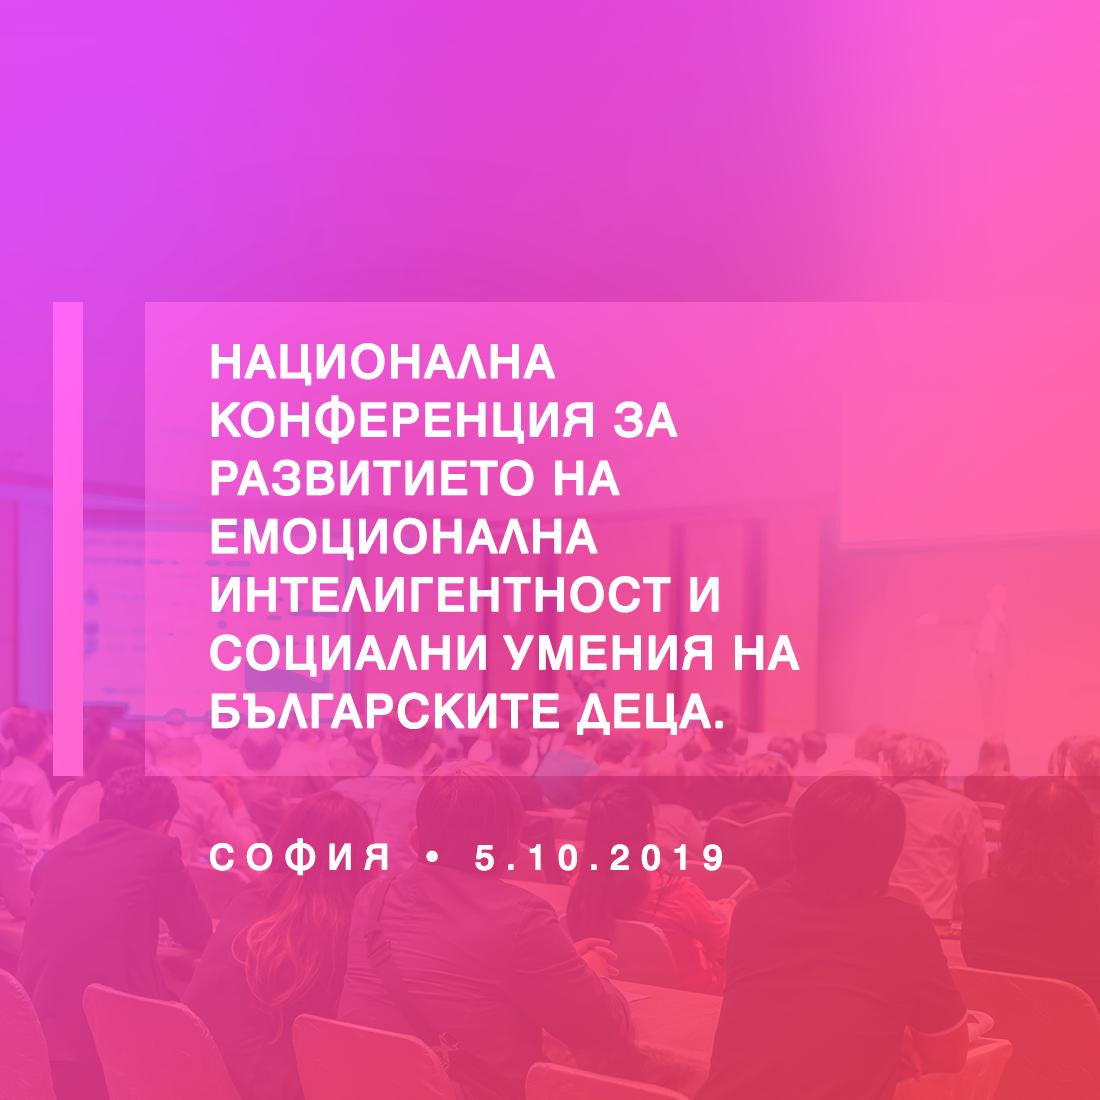 Конференция за Социално и емоционално изучаване